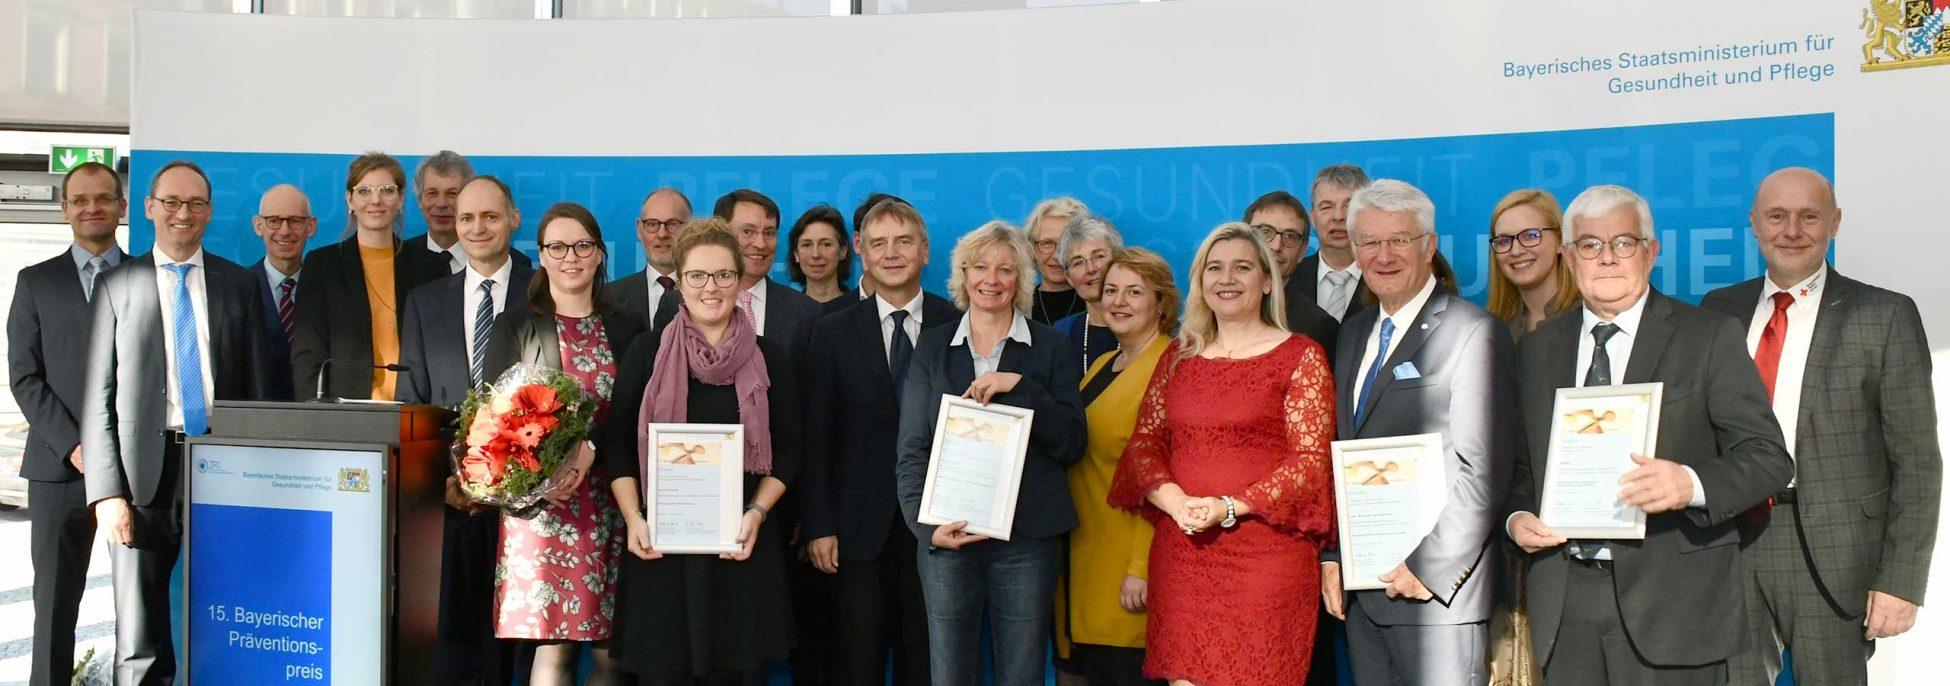 Die Preisträgerinnen und Preisträger des Bayerischen Präventionspreises 2019